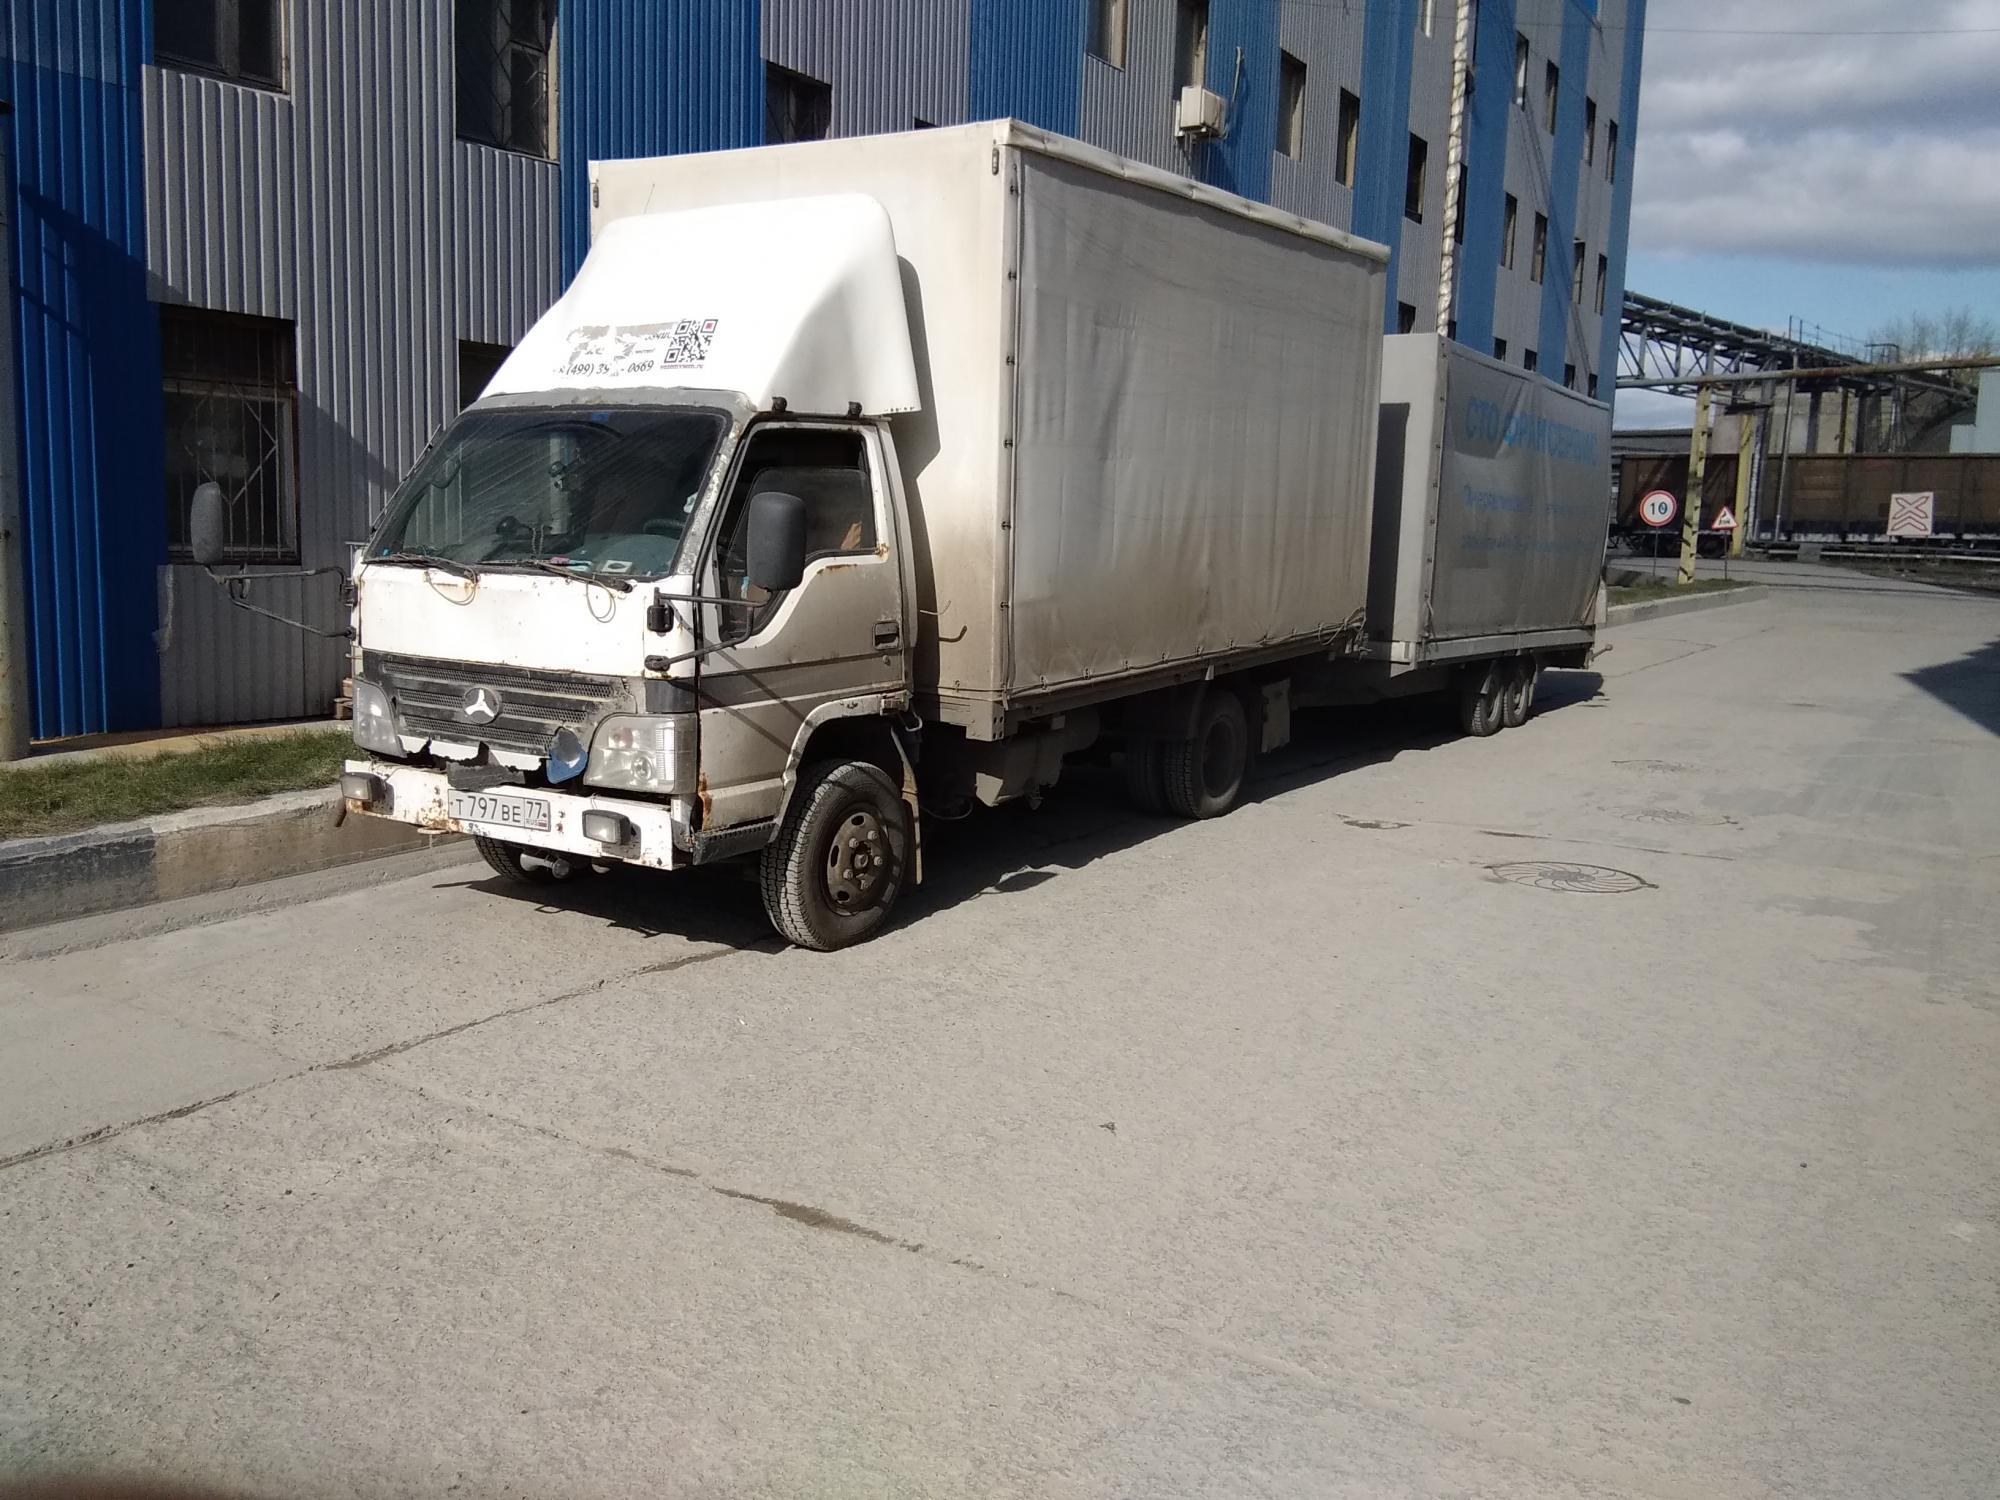 Прицеп для газели, легковой прицеп в Москве 89091582518 купить 4